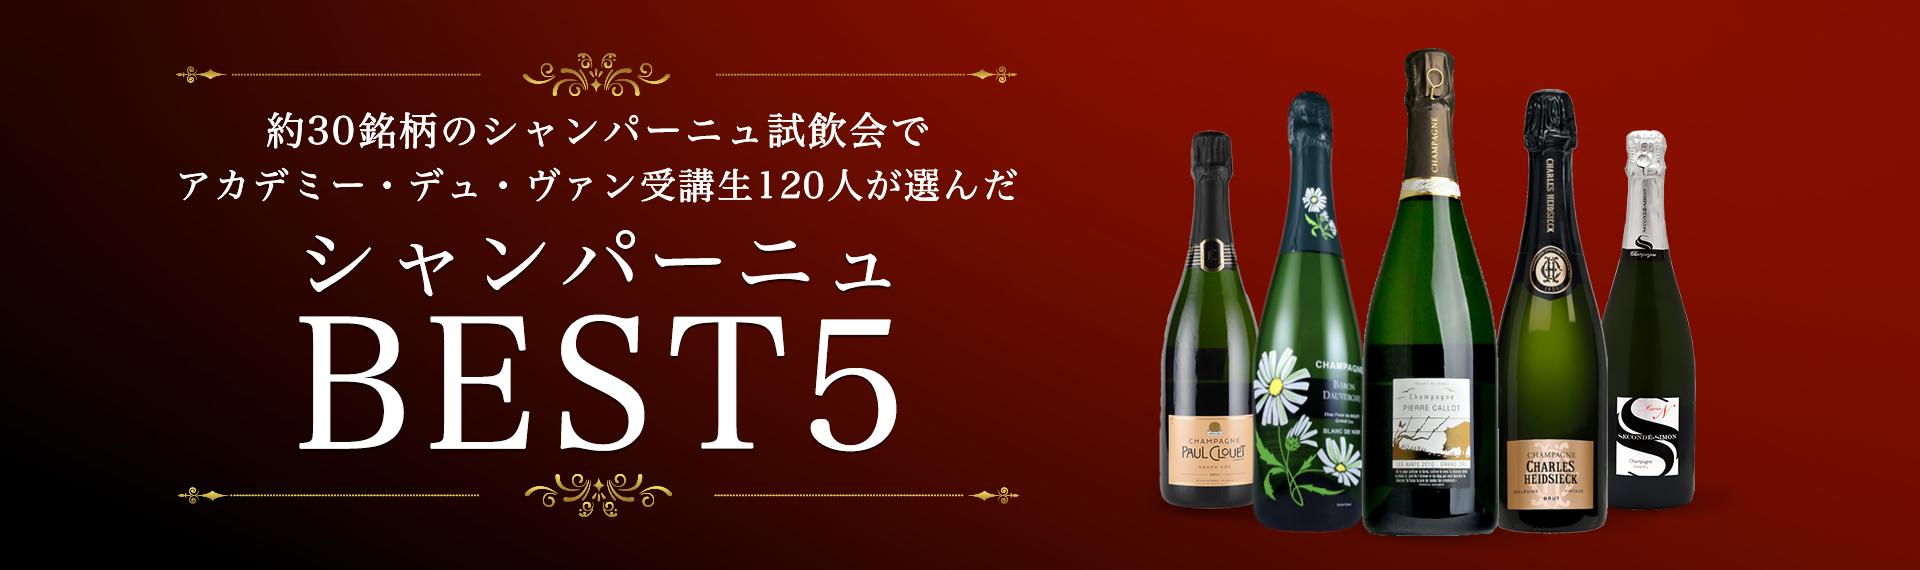 約30銘柄のシャンパーニュ試飲会でアカデミー・デュ・ヴァン受講生120人が選んだシャンパーニュBEST5